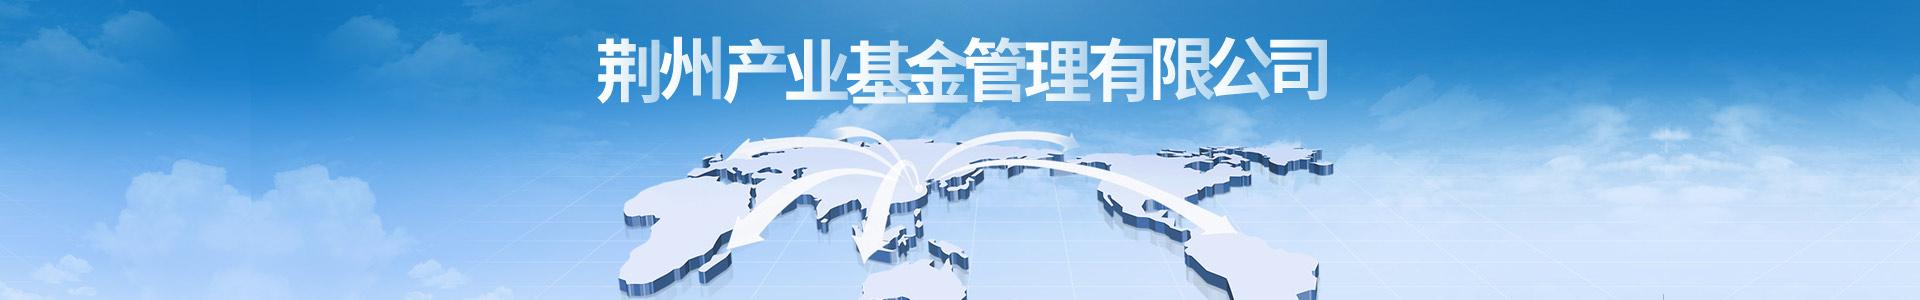 荆州产业基金管理有限公司